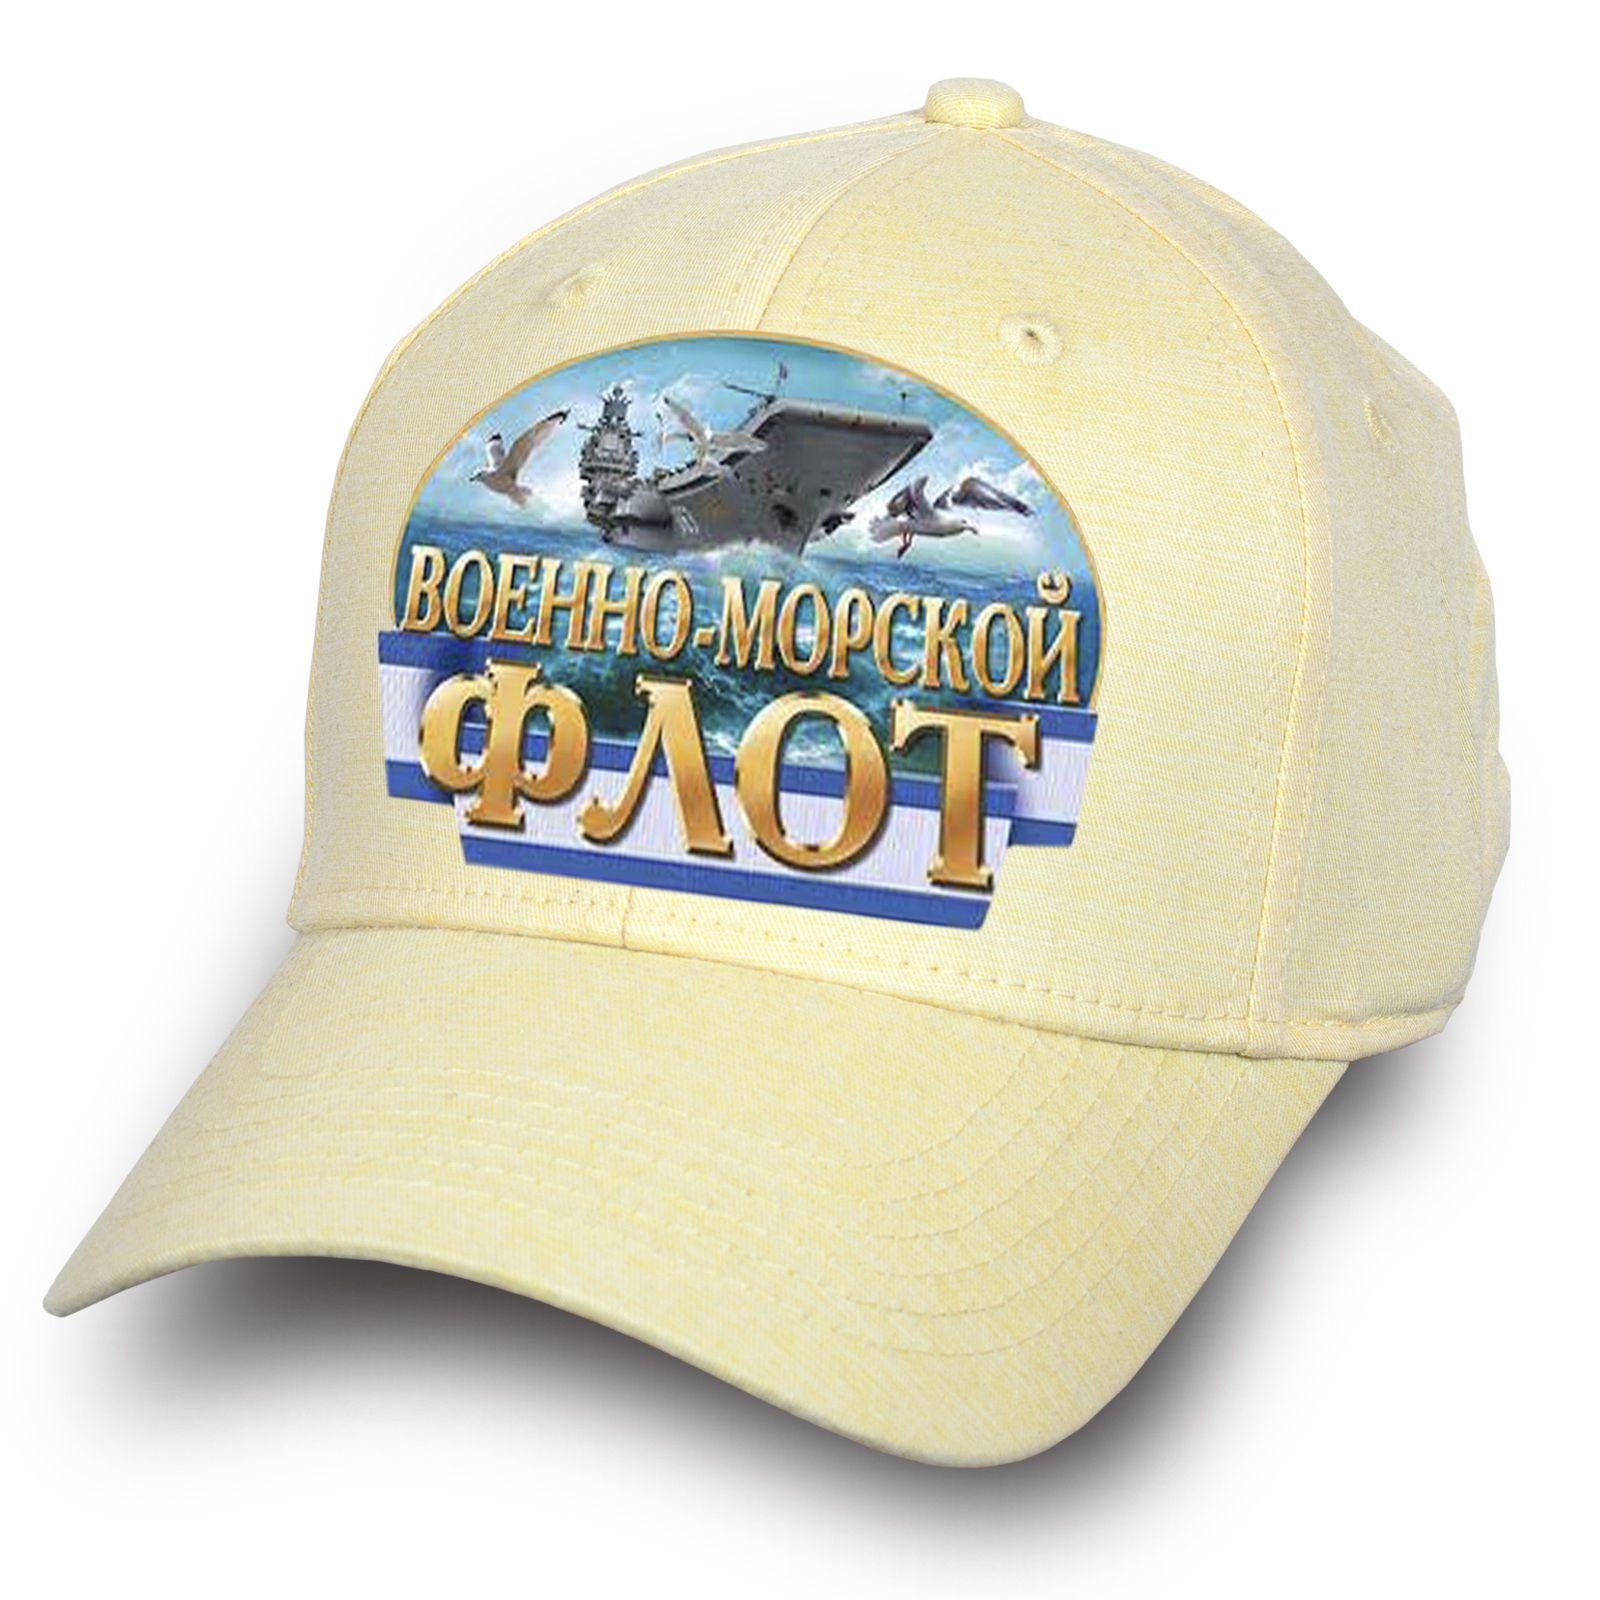 Кепка с принтом ВМФ - купить в интернет-магазине